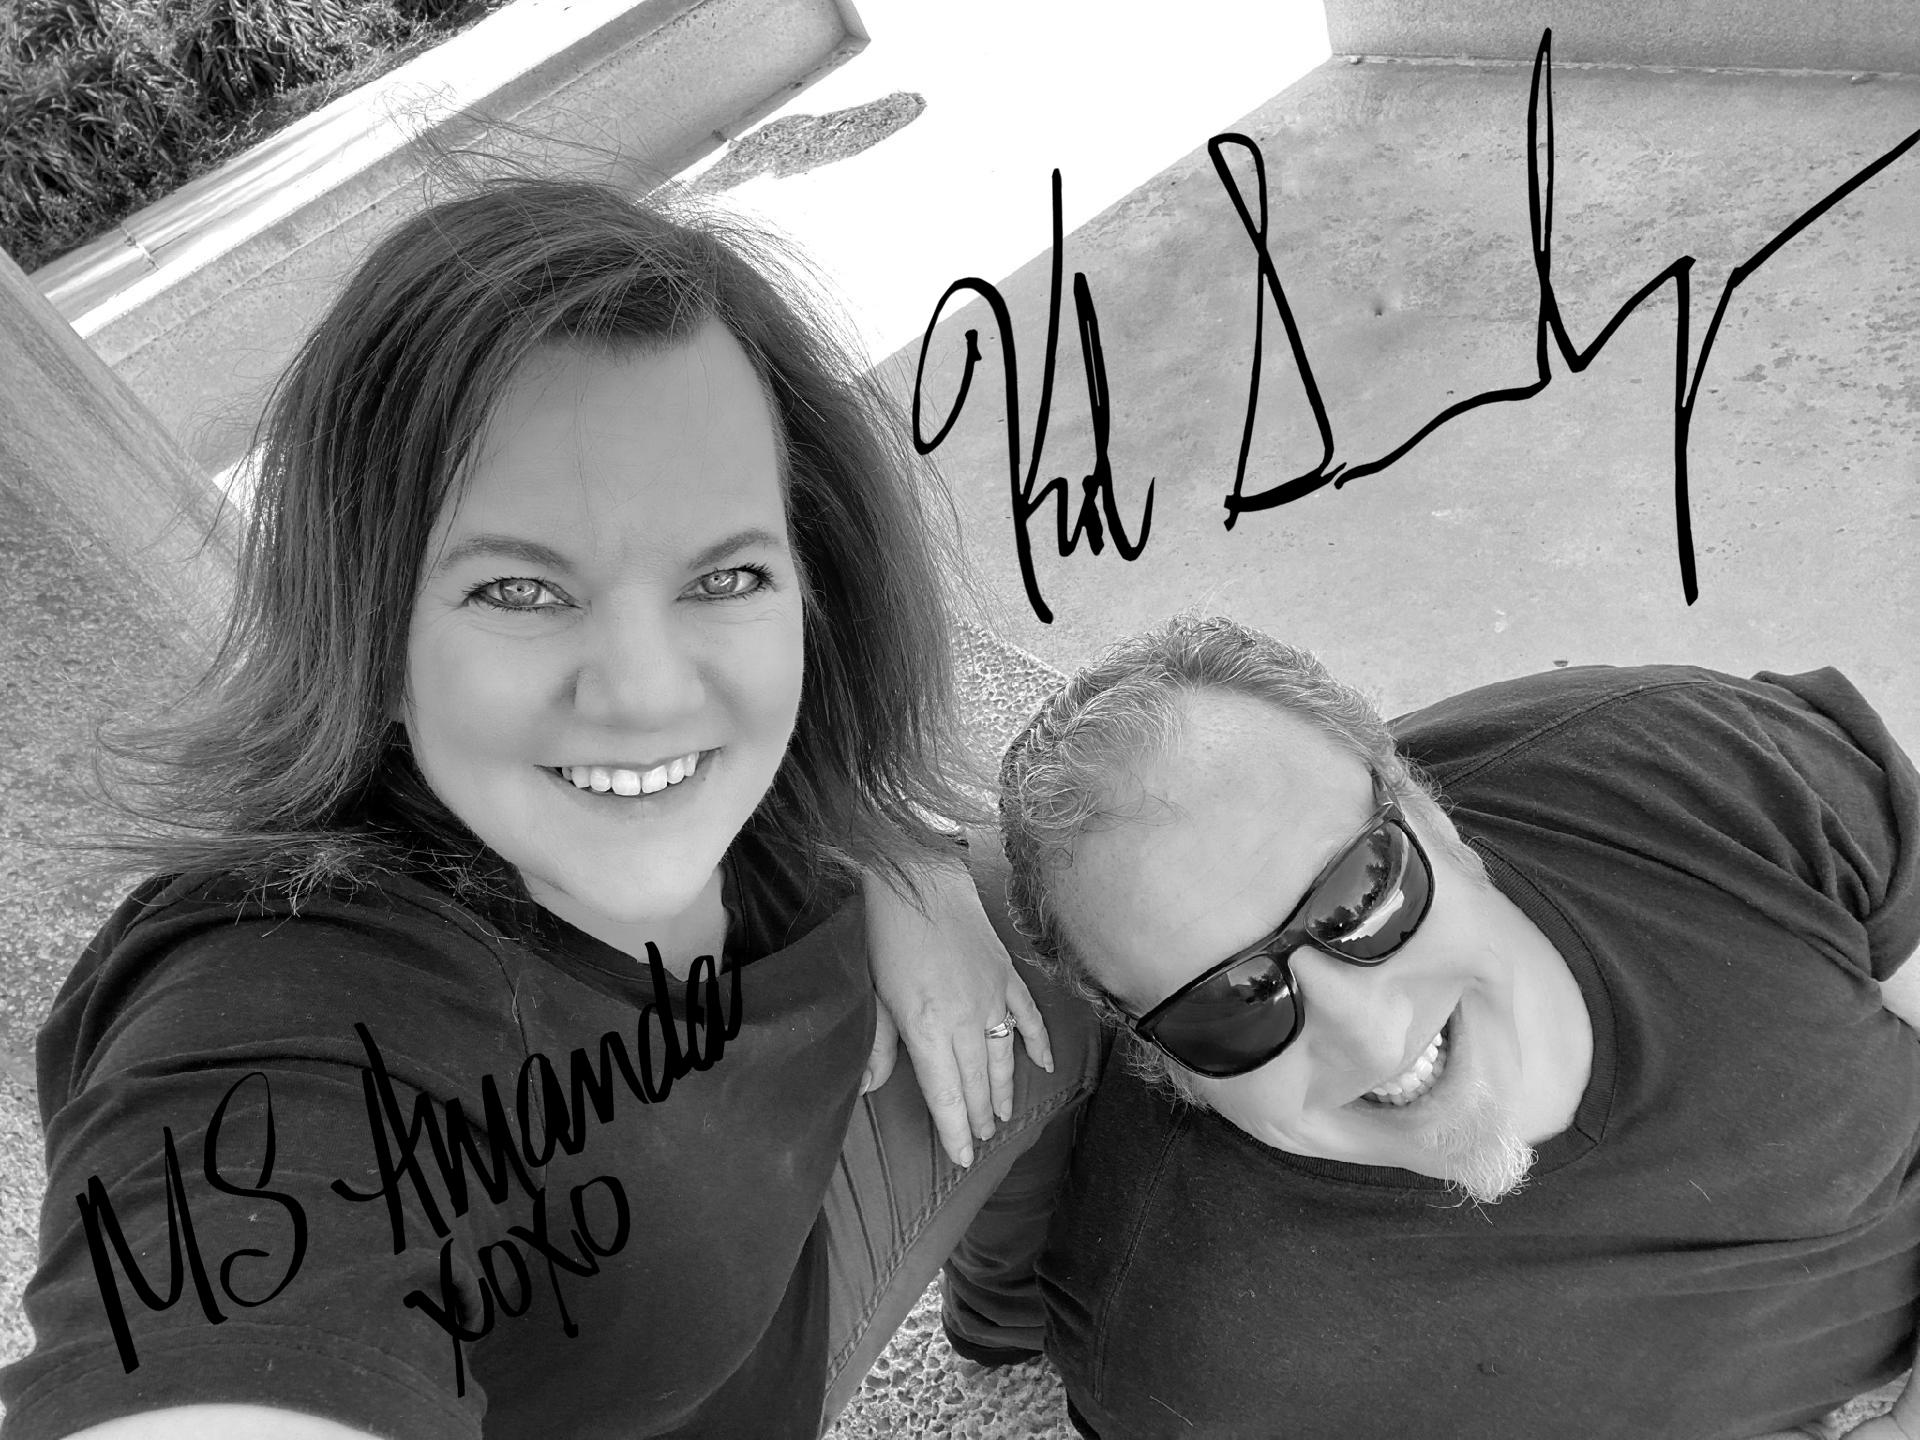 Kole & Amanda Signed 8x10 Photos